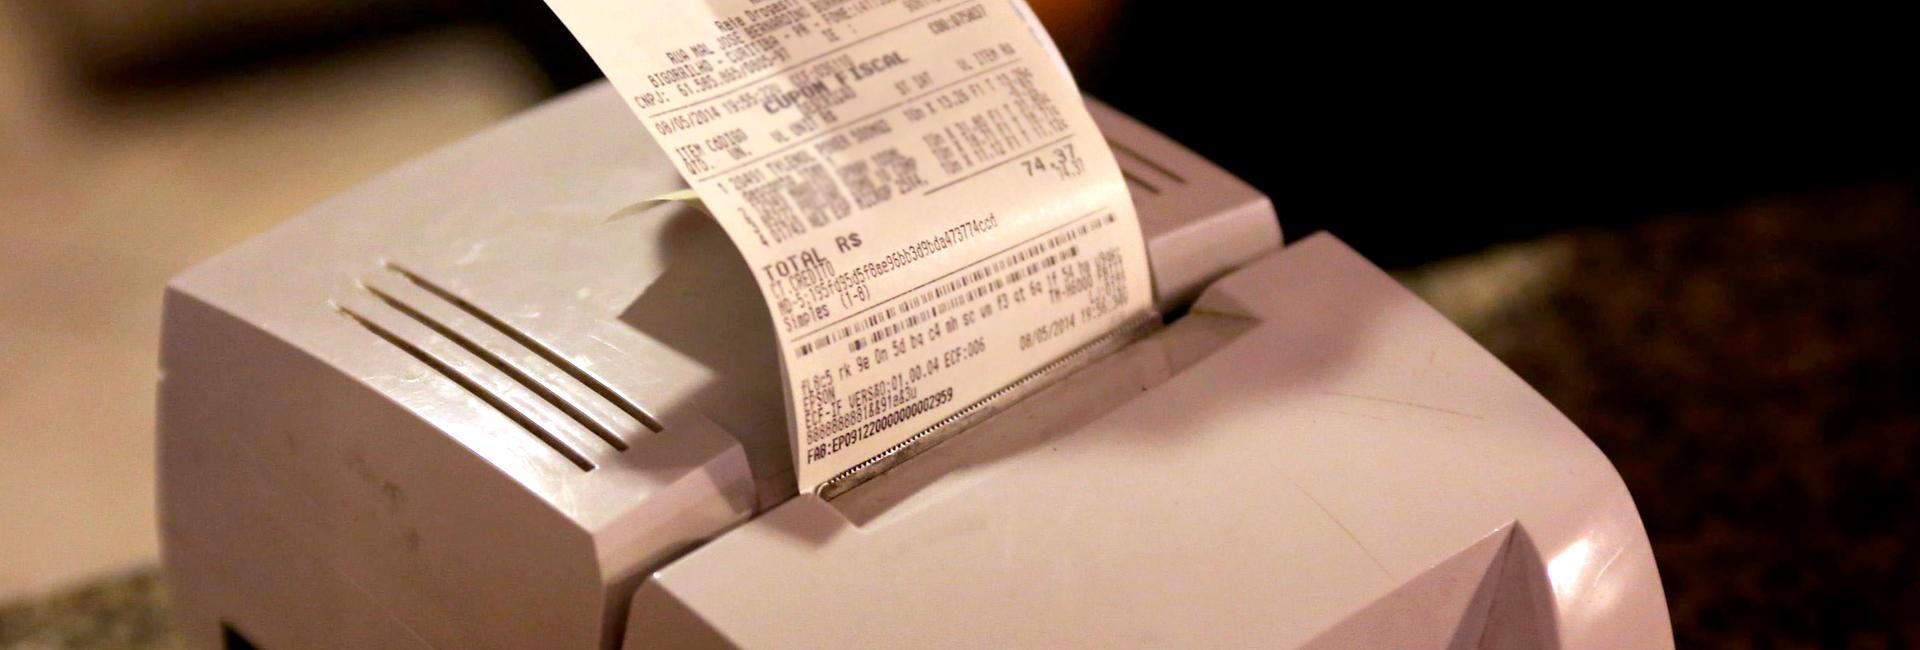 Foto de um cupom fiscal saindo da impressora.